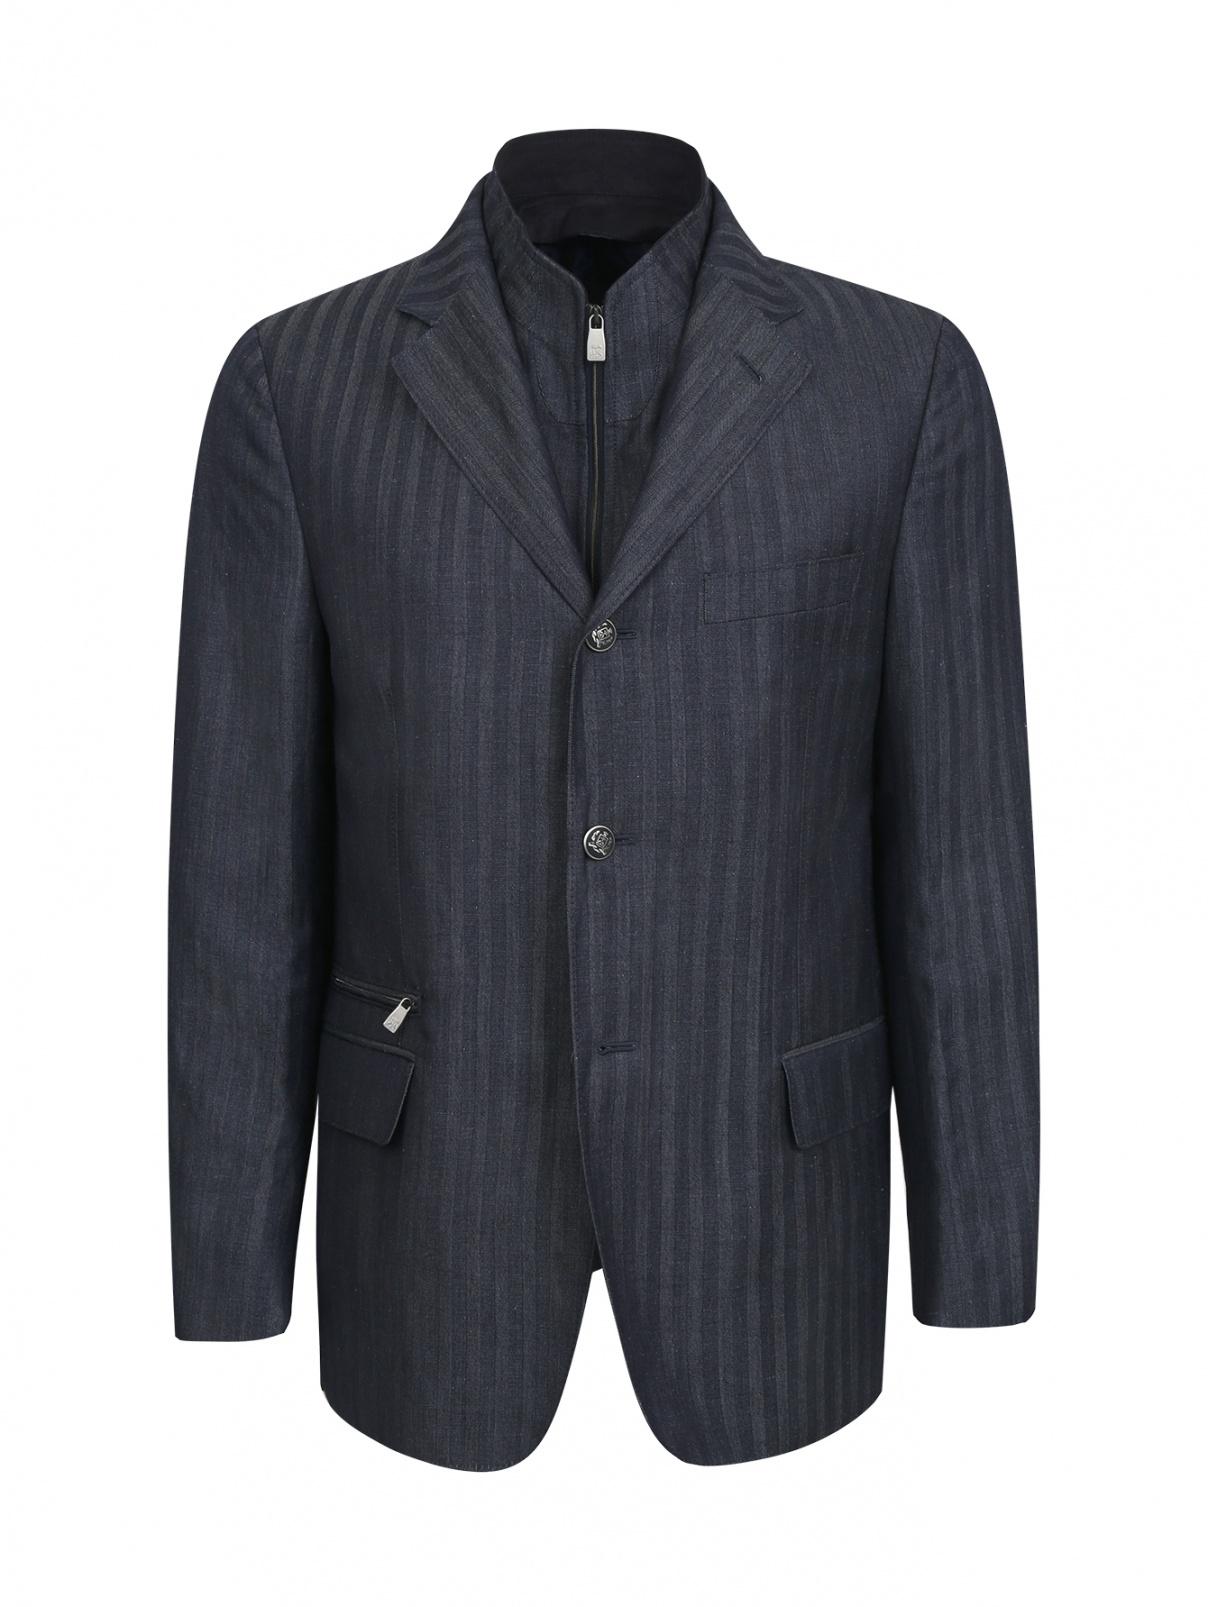 Пиджак из льна и шерсти с подстежкой Corneliani ID  –  Общий вид  – Цвет:  Синий